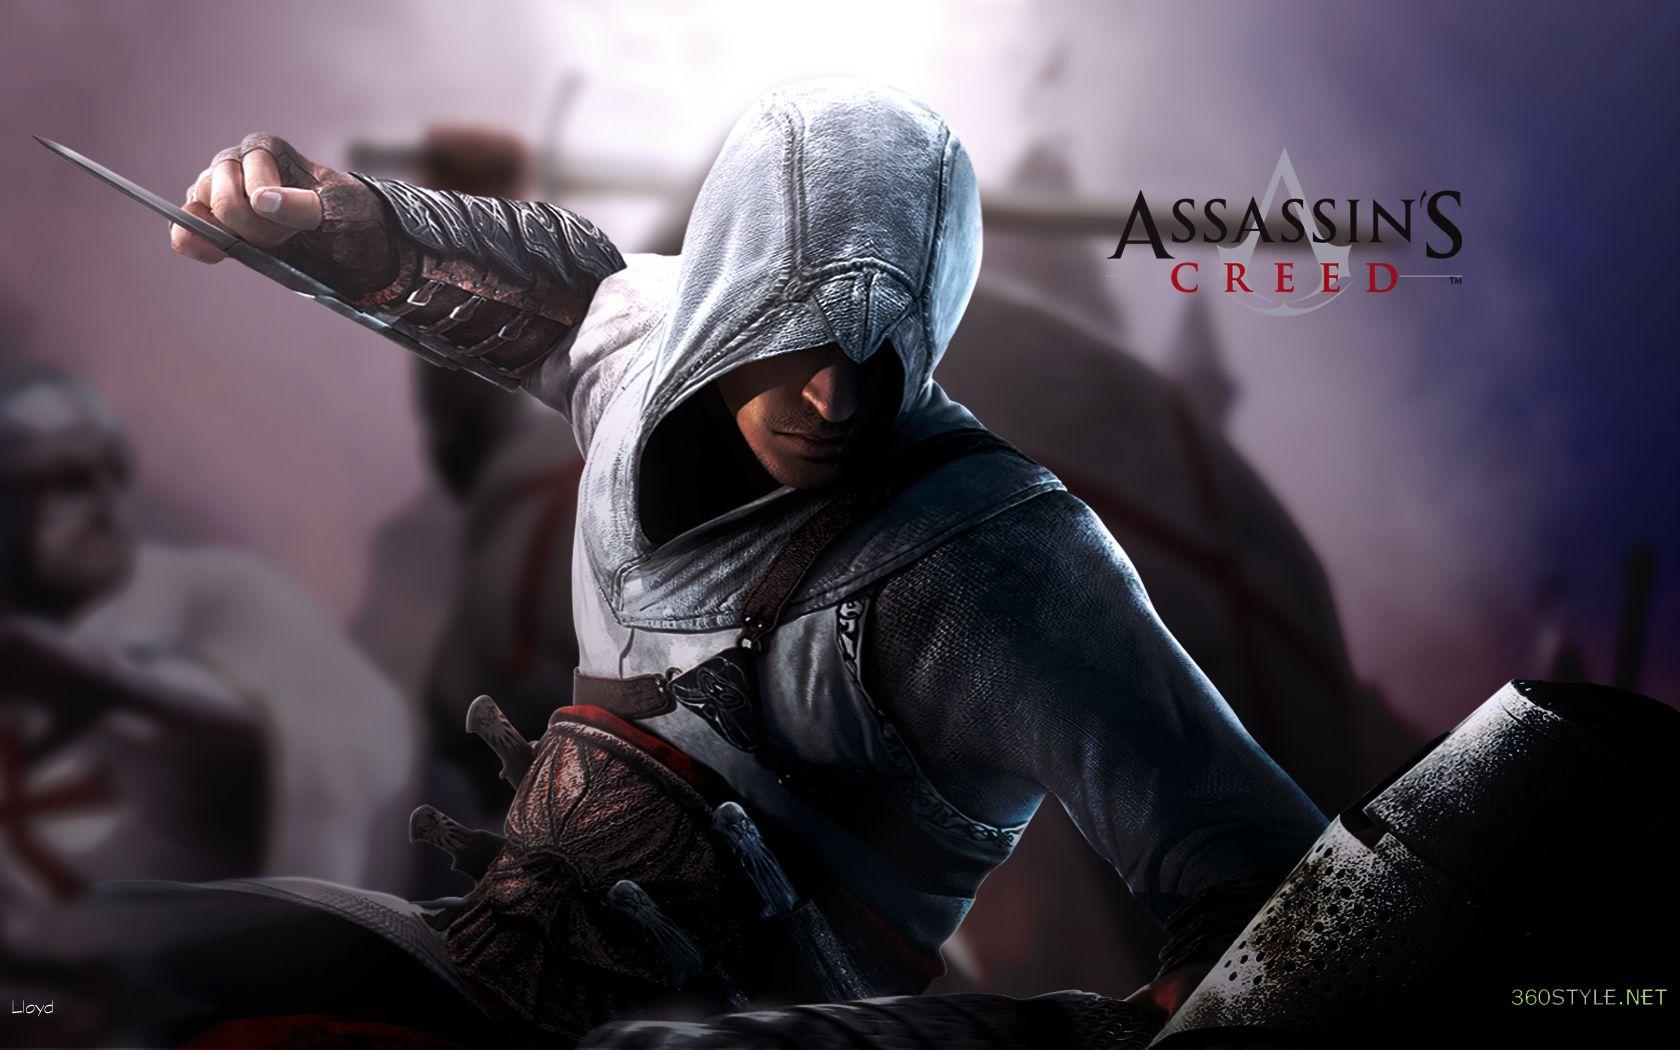 Download Assassins Creed Wallpaper 1680x1050 Wallpoper 1680x1050